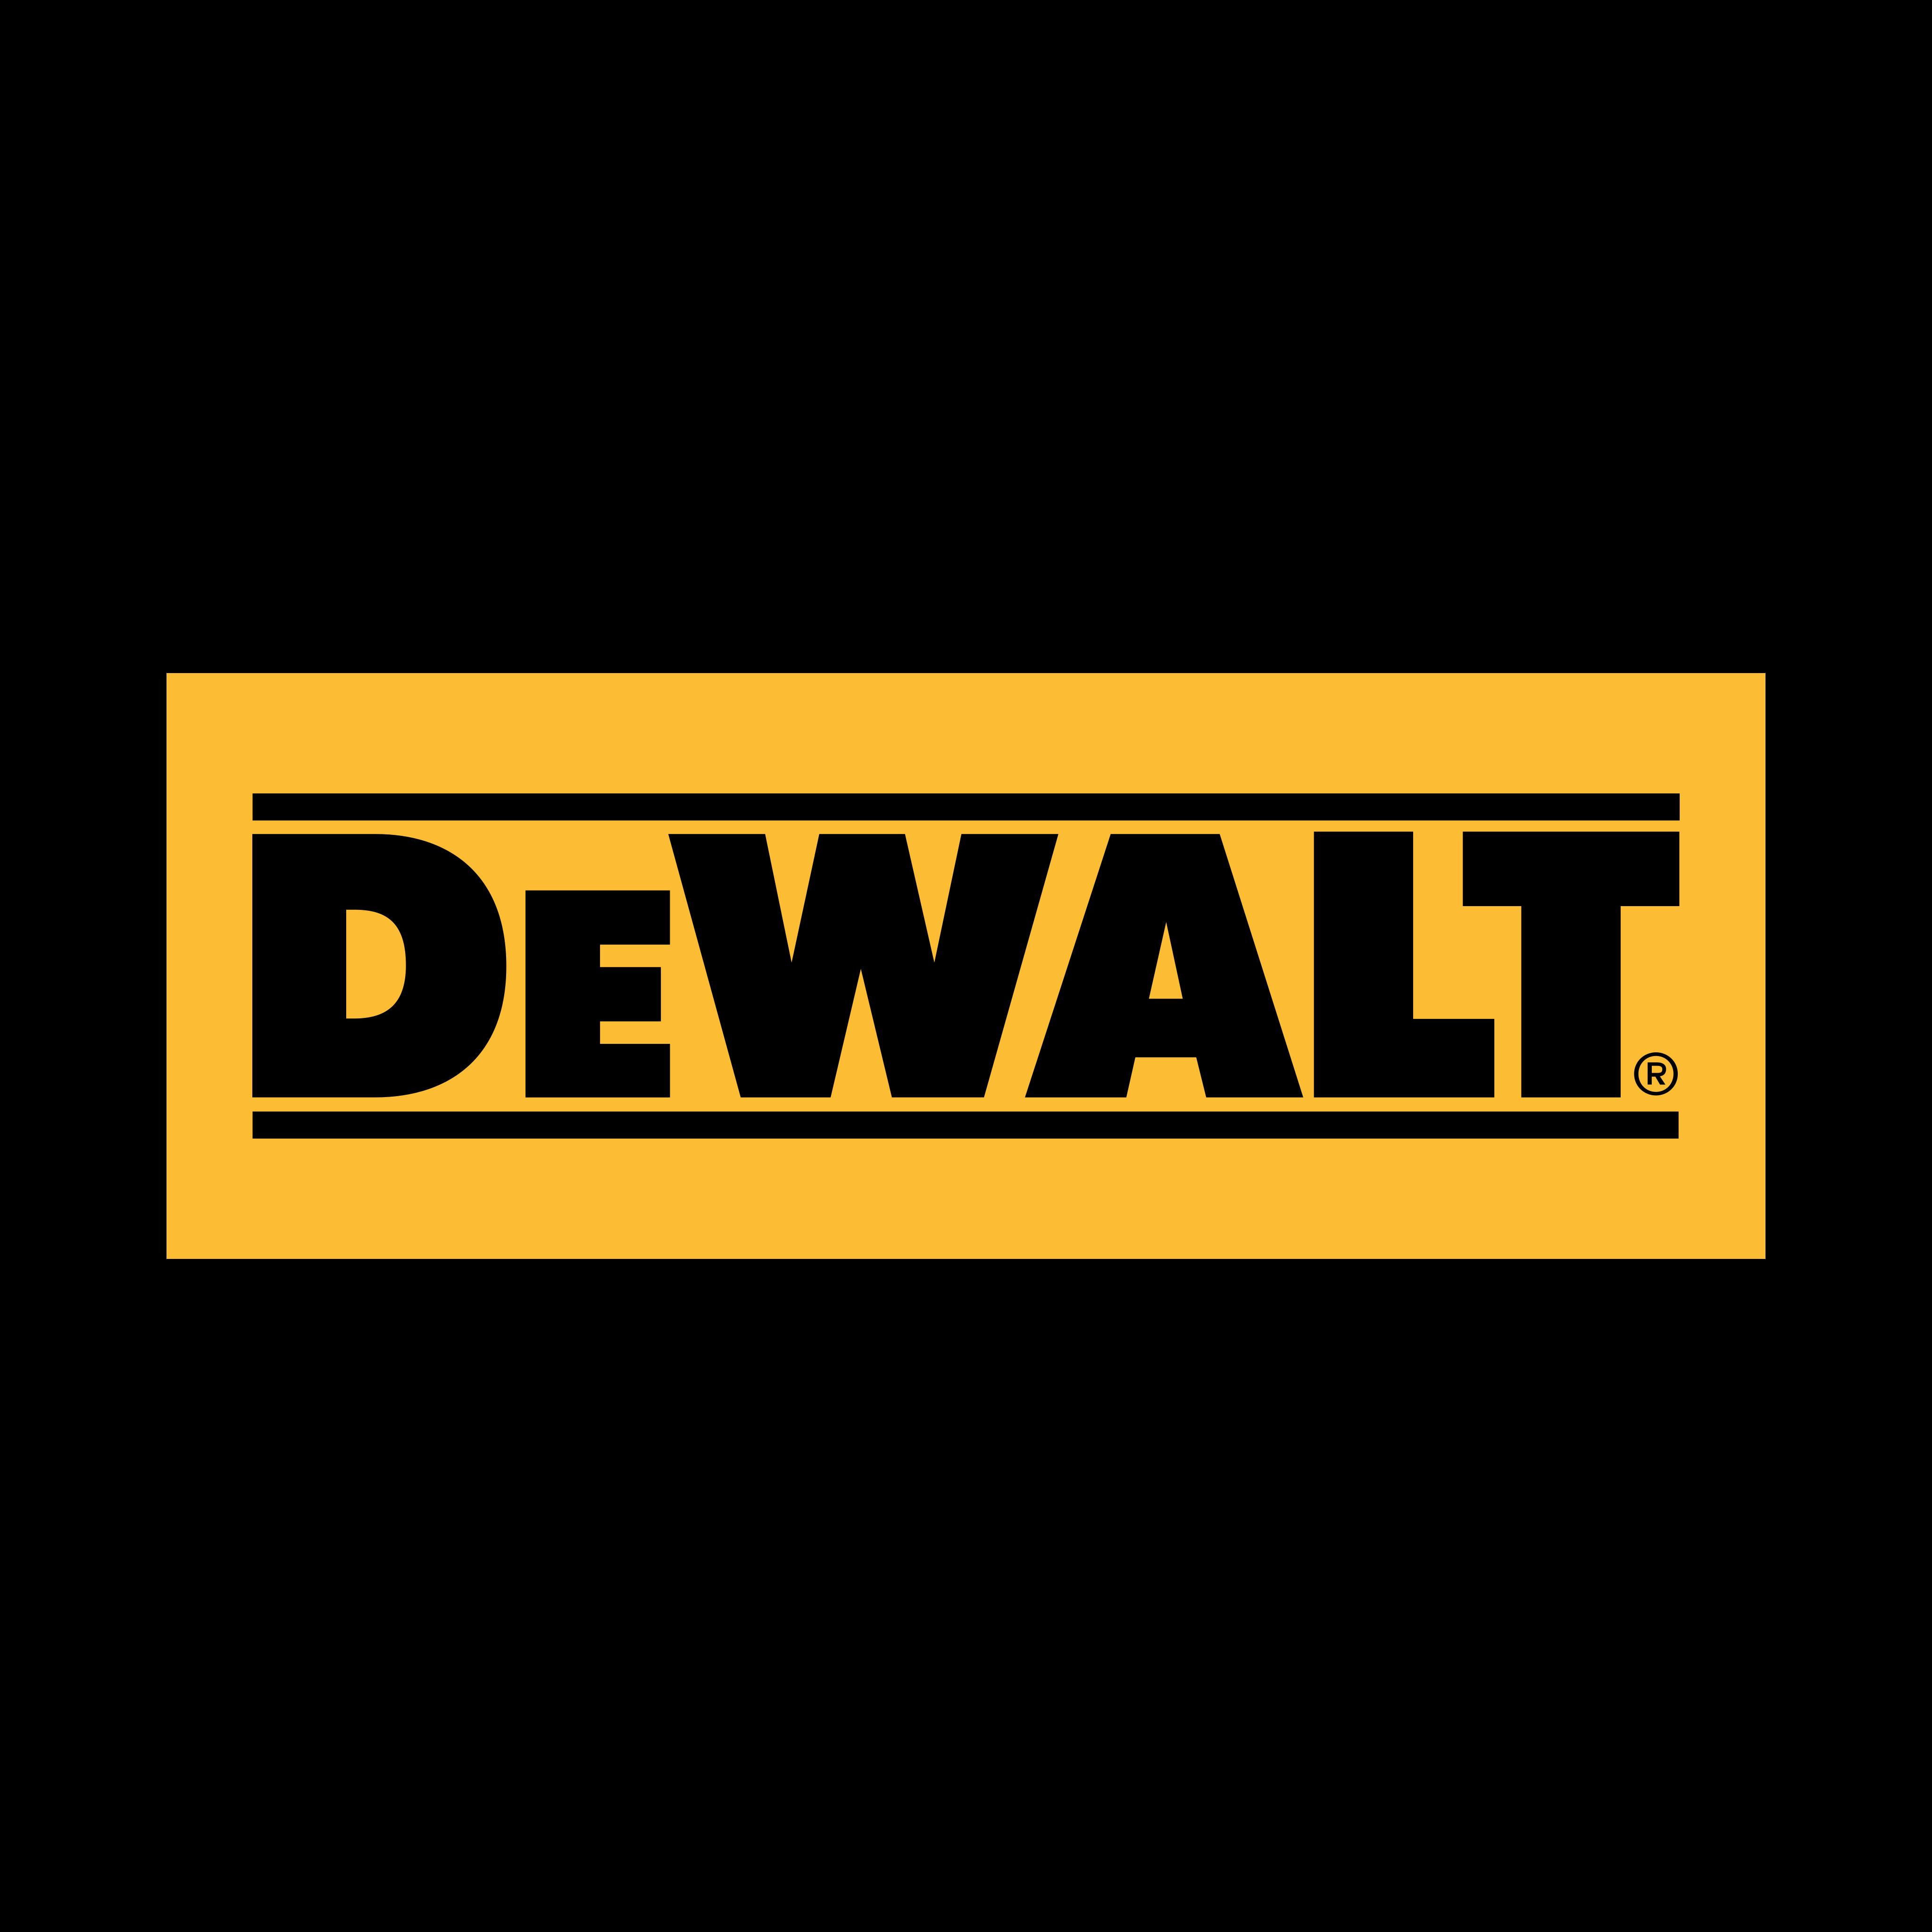 dewalt logo 0 - Dewalt Logo